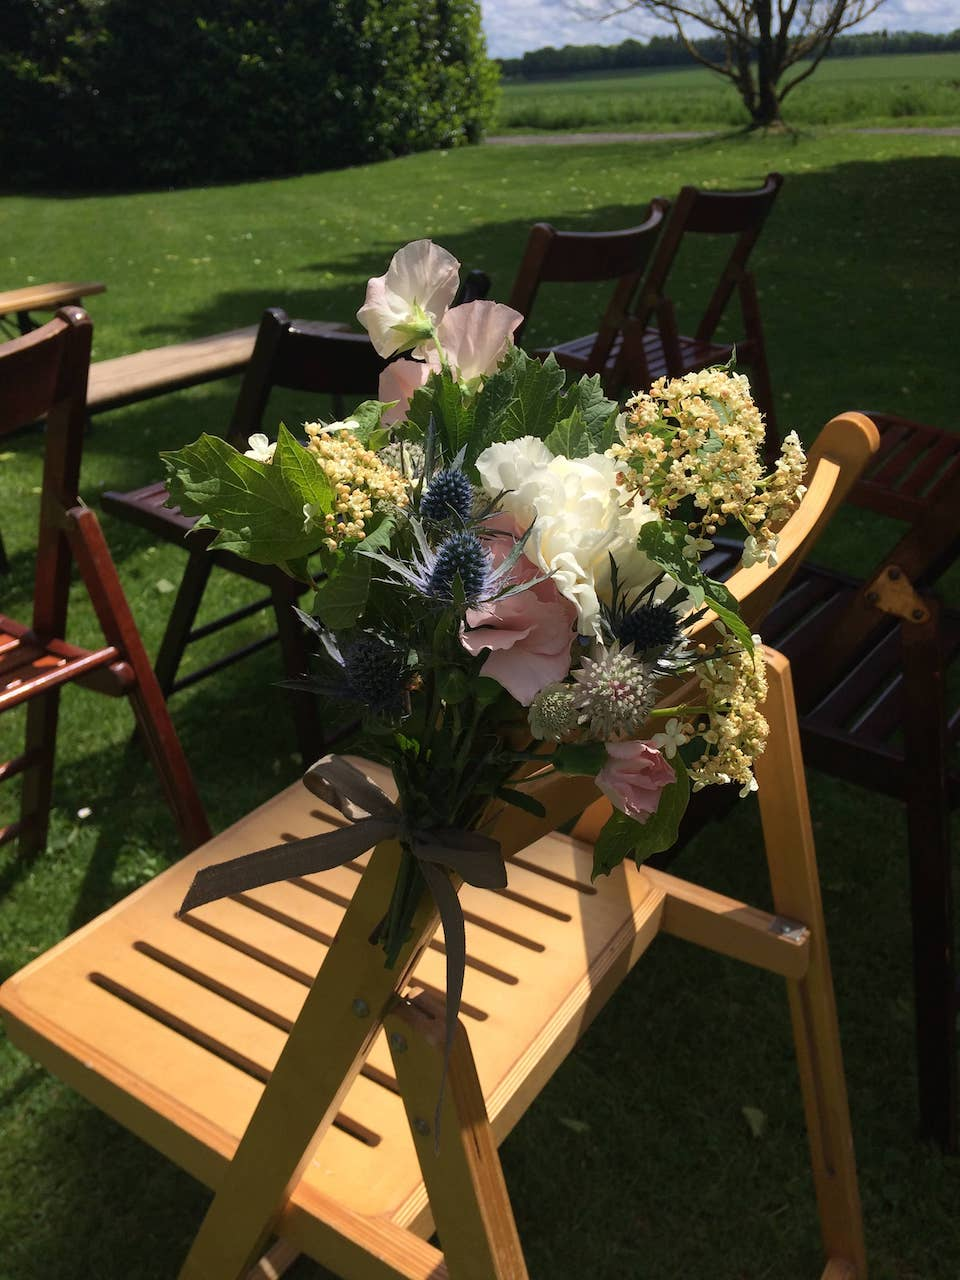 lieu-ceremonie-mariage-bouquet-chaise-fleurs